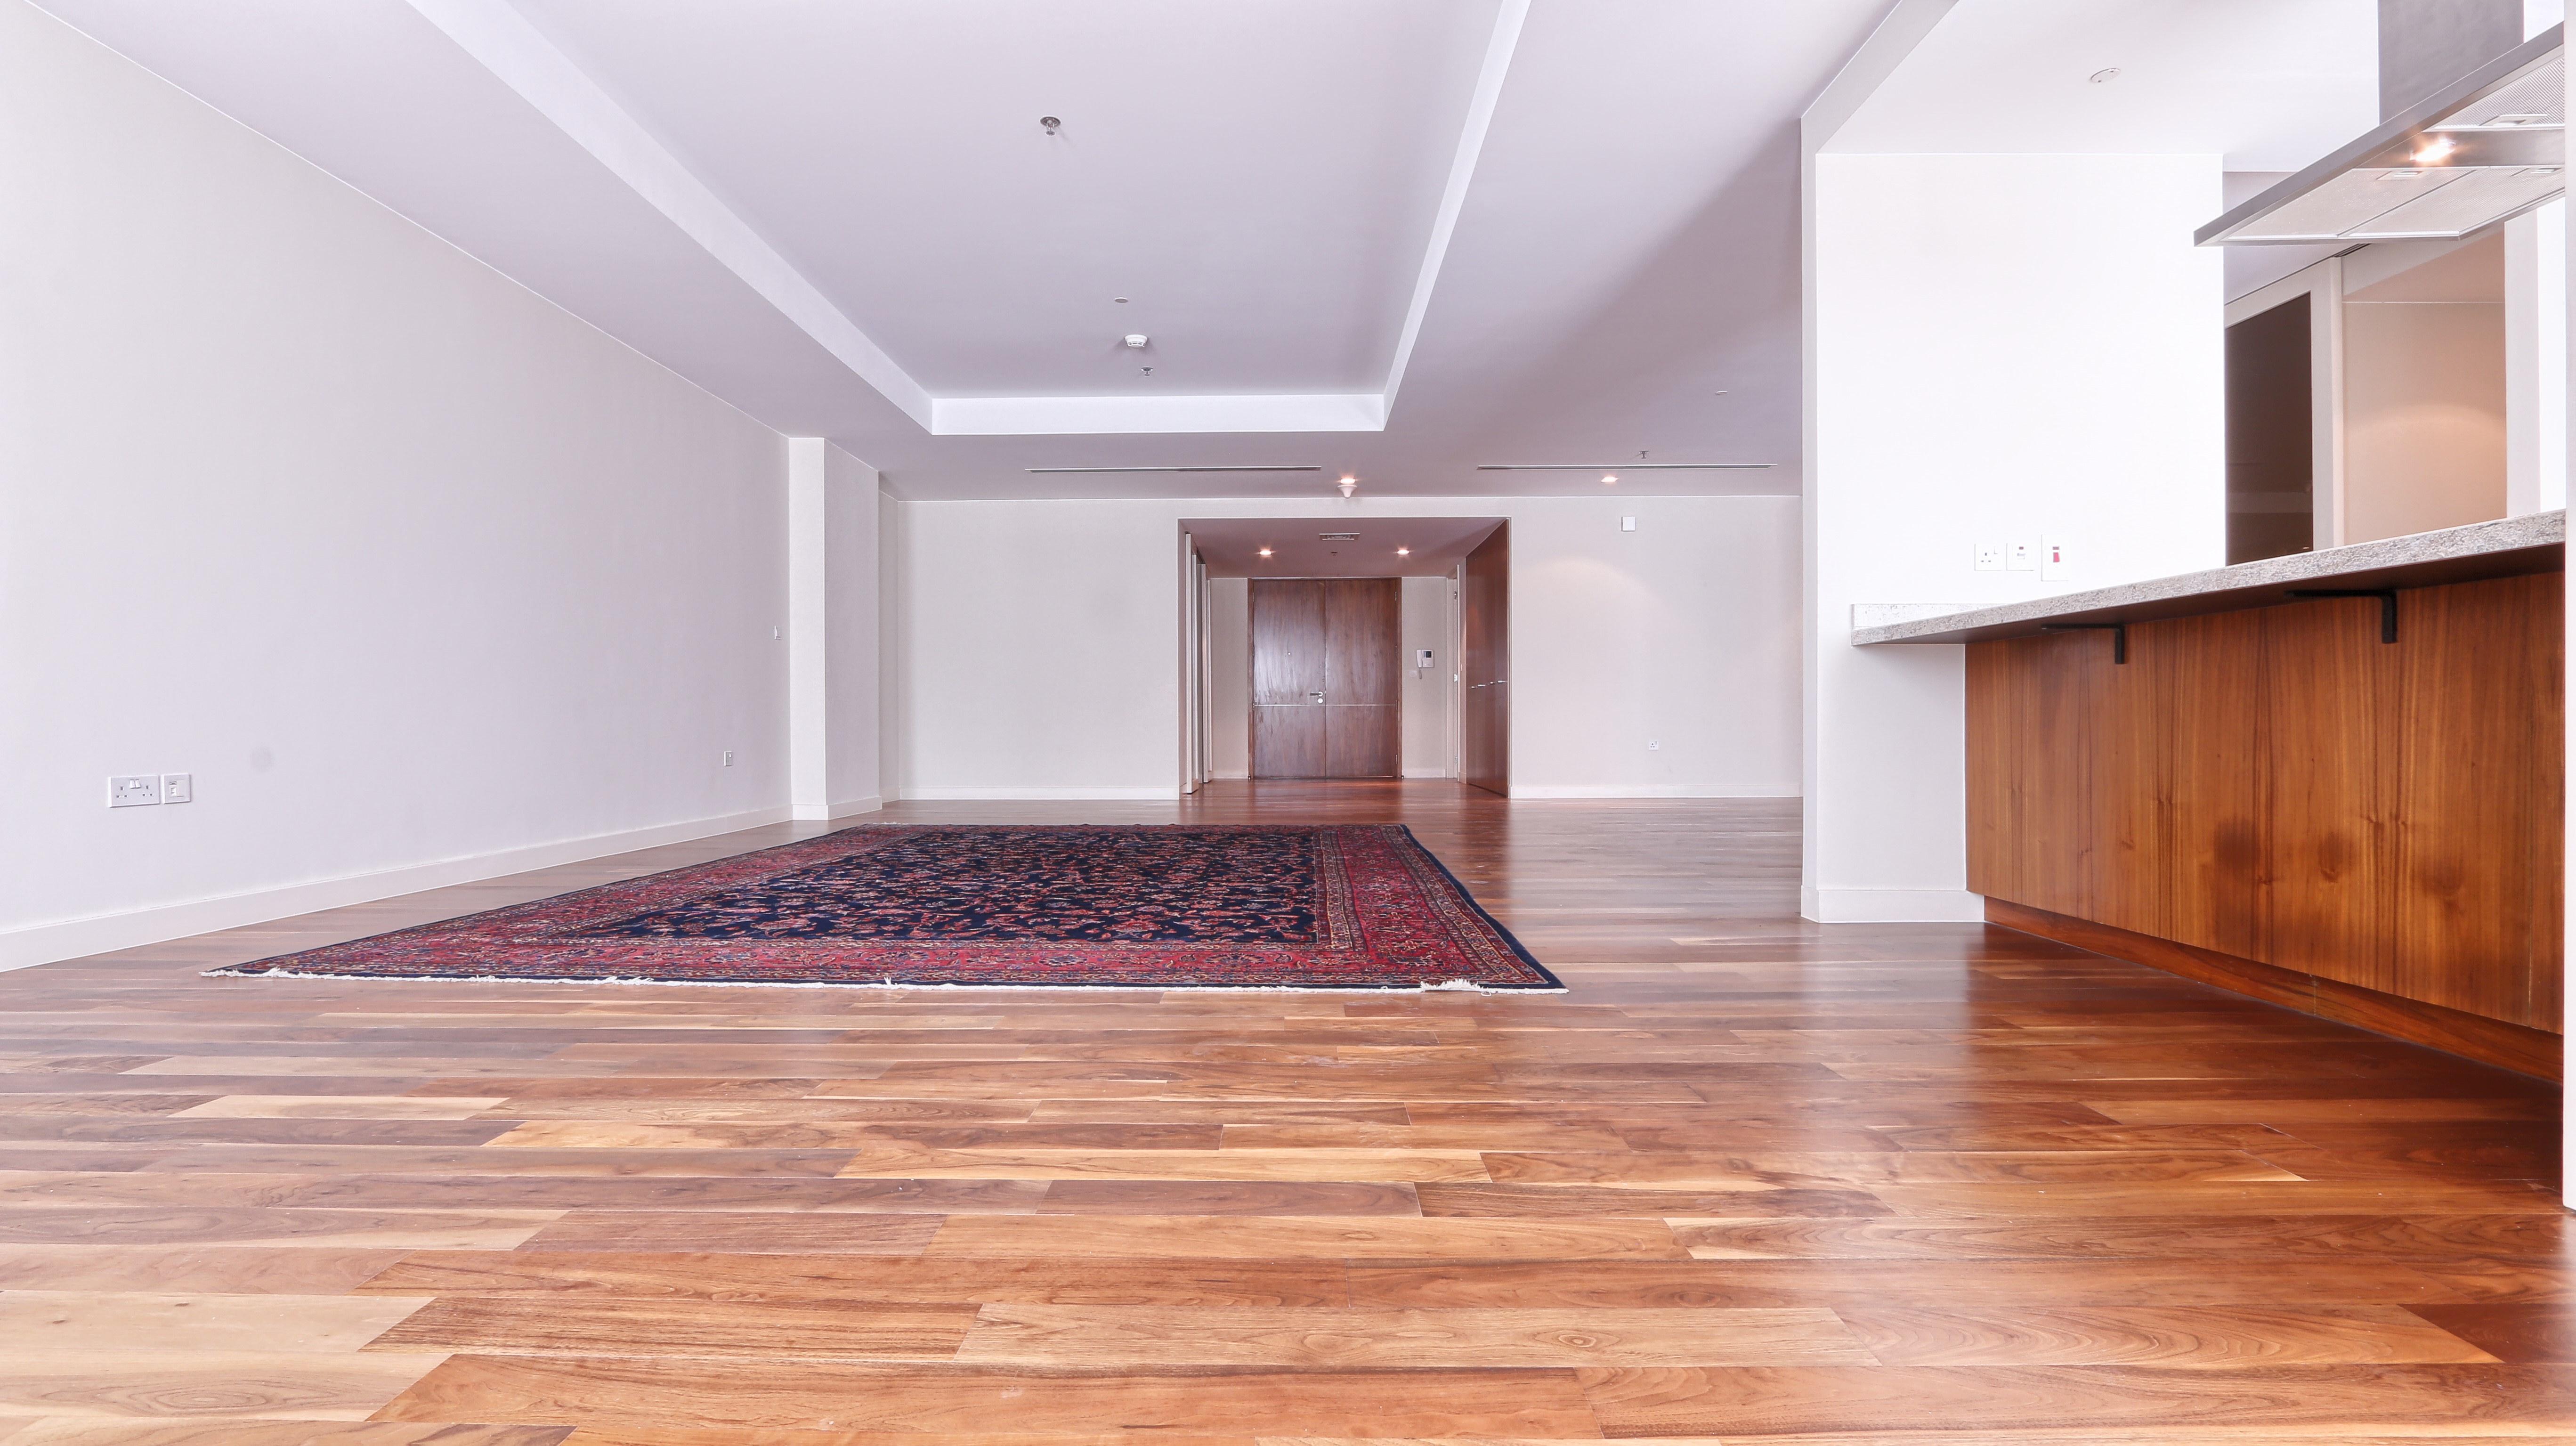 Mid Floor | Spacious 3BR | Wooden Floor